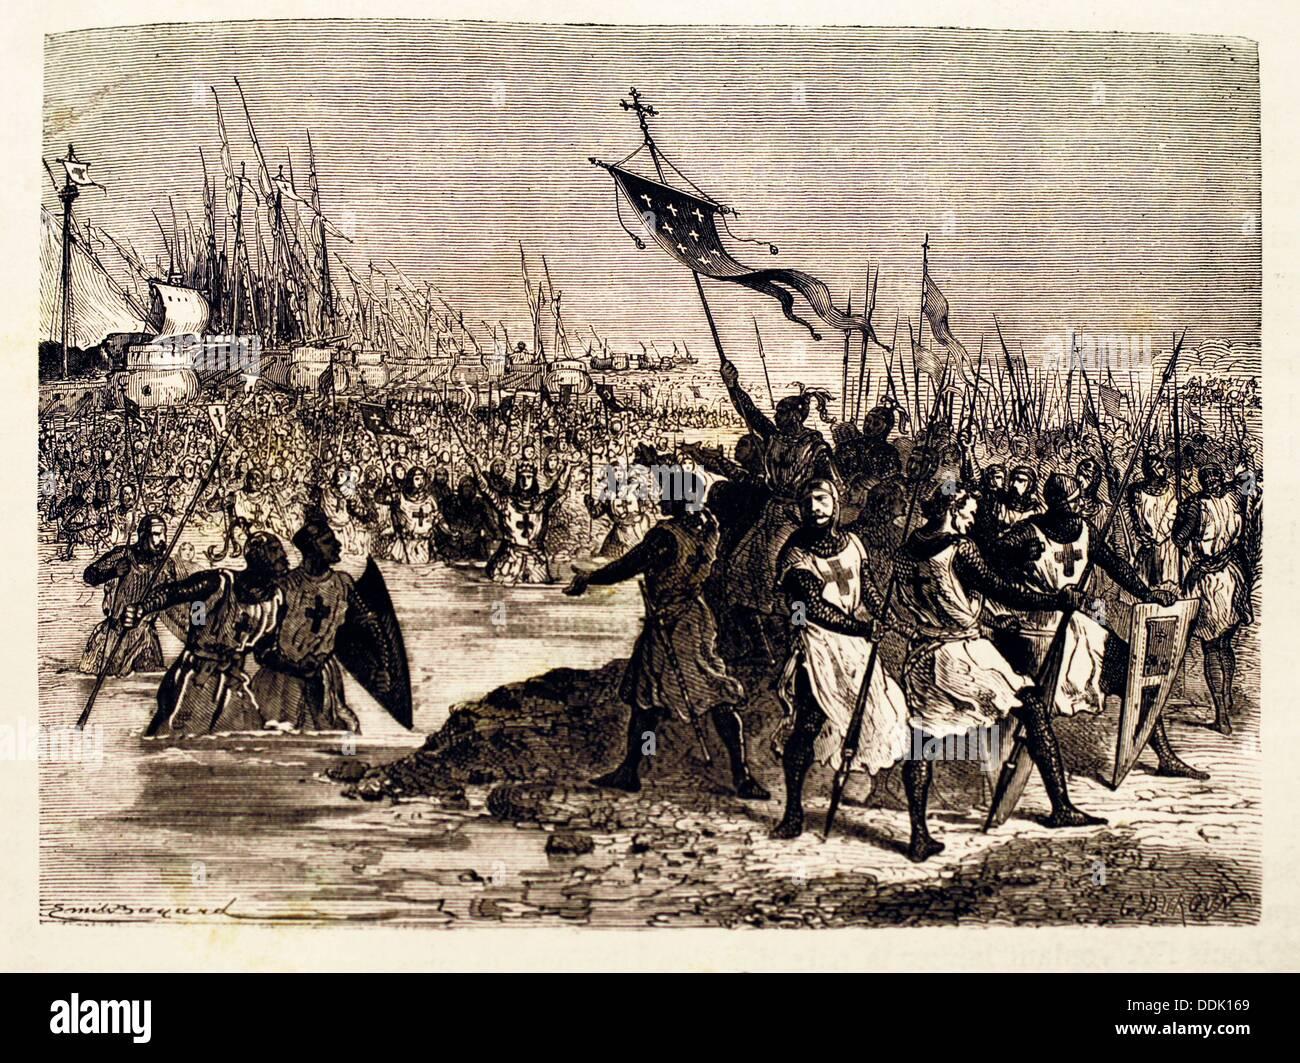 France, History- ´Saint Louis débarque en Egypte´: Louis IX 25 April 1214 - 25 August 1270, commonly Saint Louis, was King of - Stock Image